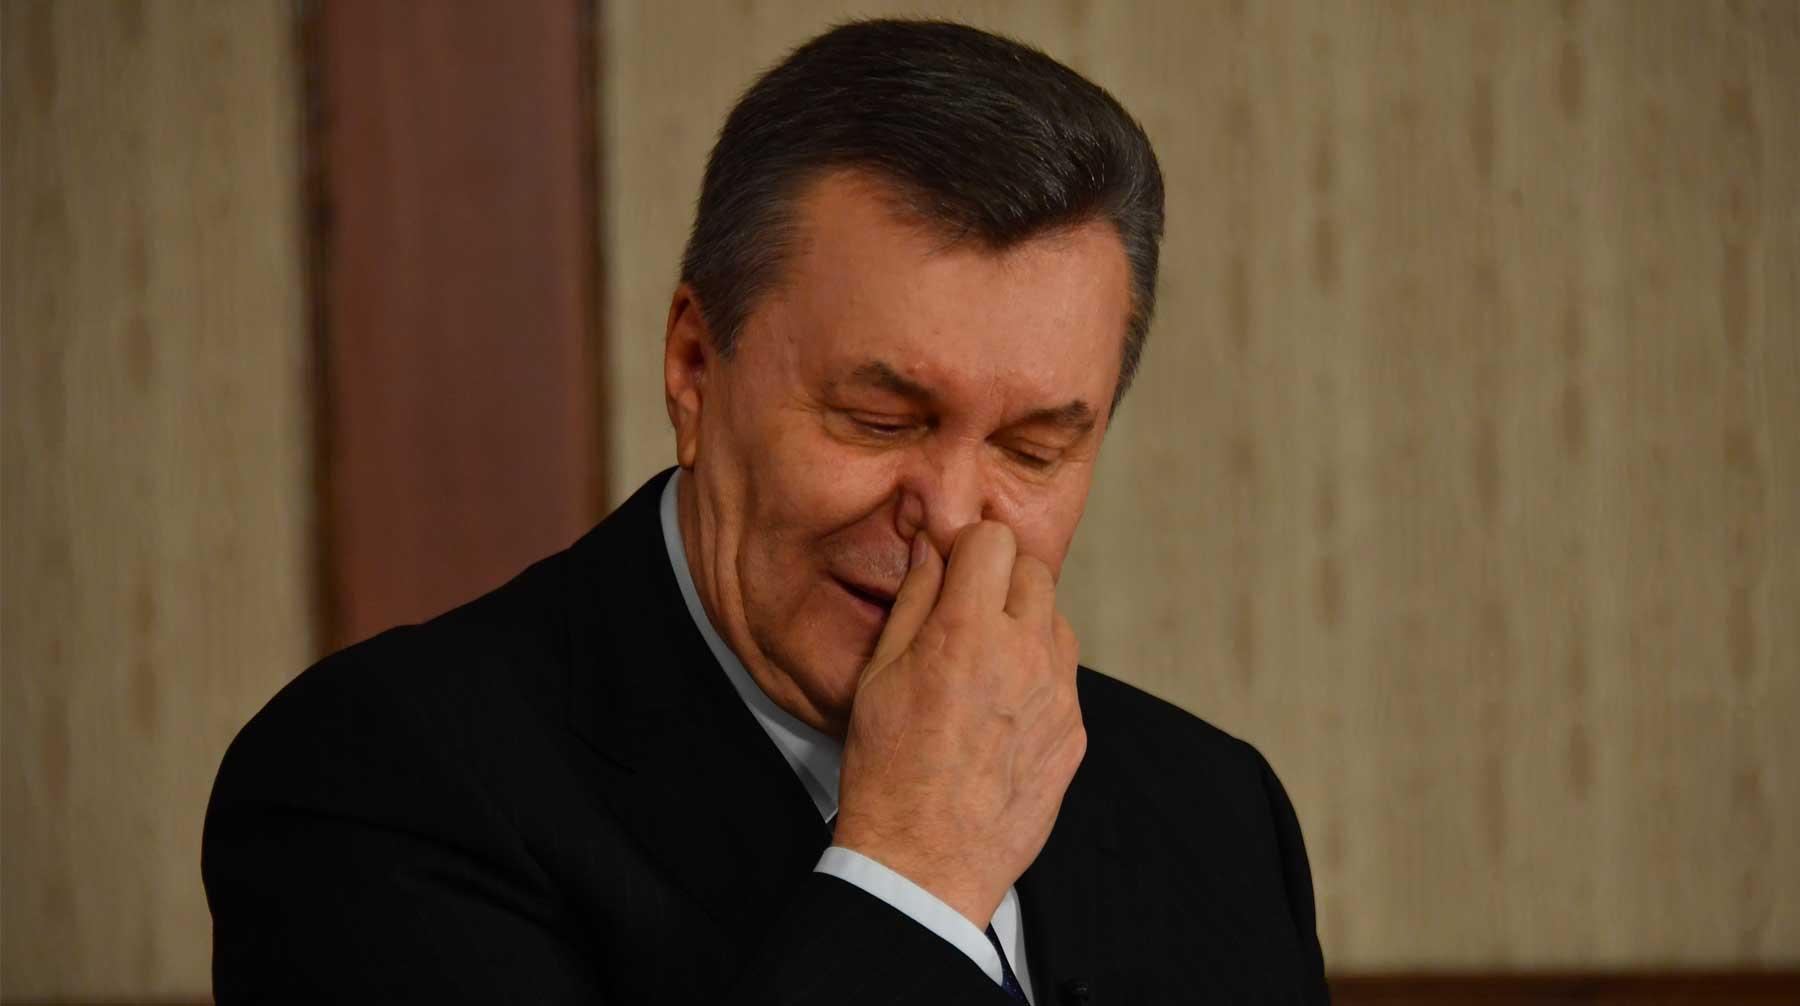 Указ Президента про розпуск ВР буде підписано найближчим часом, - радник Зеленського Богдан - Цензор.НЕТ 6999